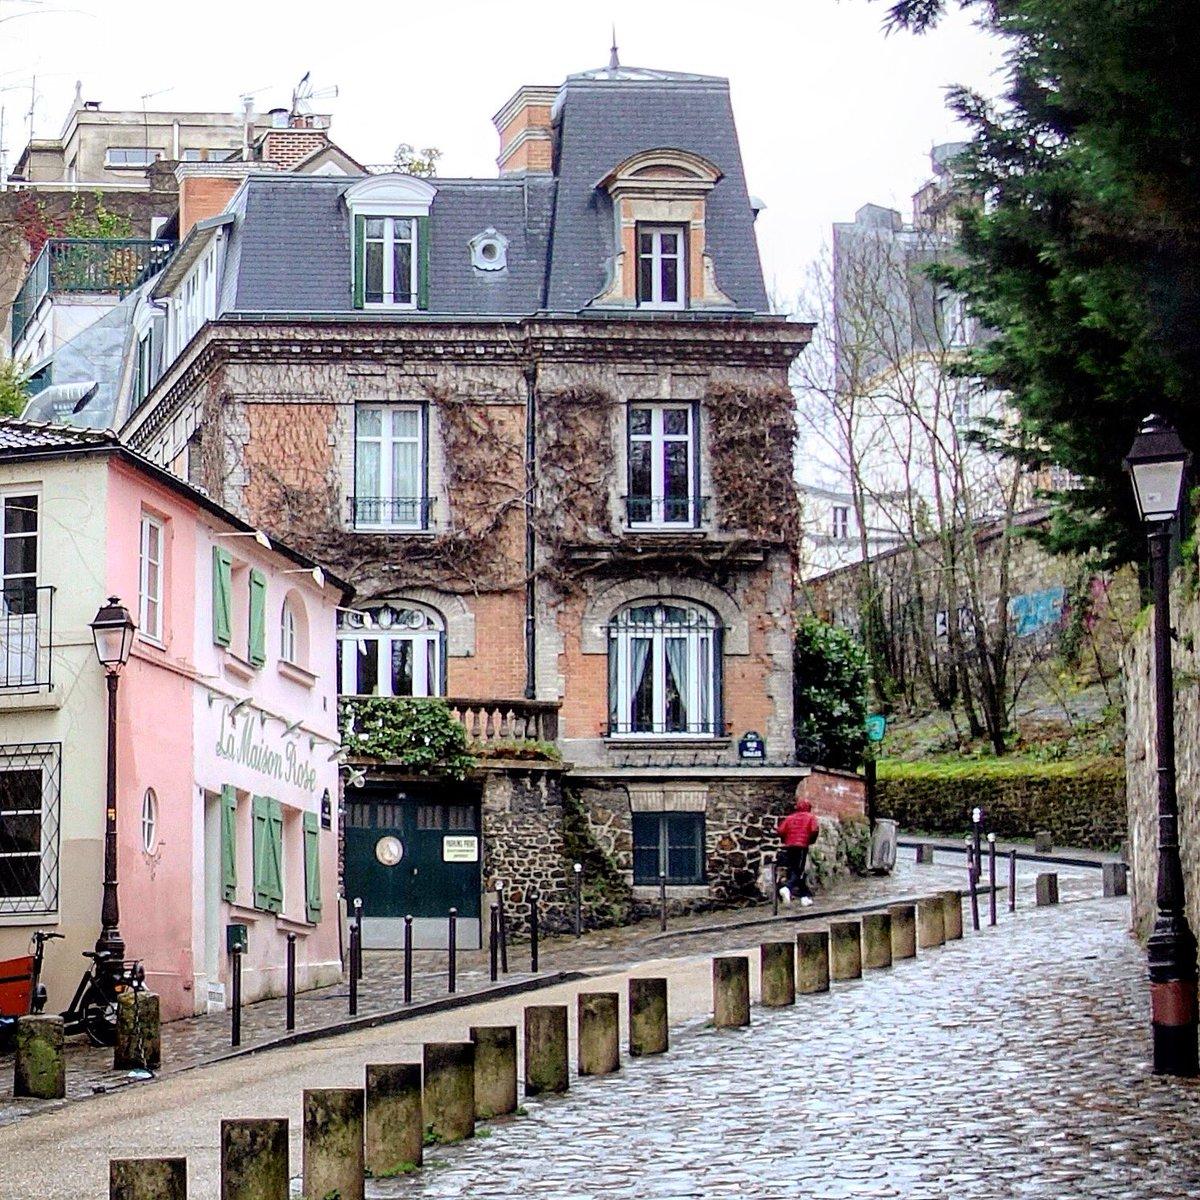 Contraste des architectures à Montmartre, Maison Rose et hôtel particulier rue de l'Abreuvoir - Paris 18  #parisladouce #paris #pariscartepostale #parisjetaime #cityguide #pariscityguide #paris18 #montmartre #streetsofparis #thisisparis #parismaville #ruedelabreuvoir